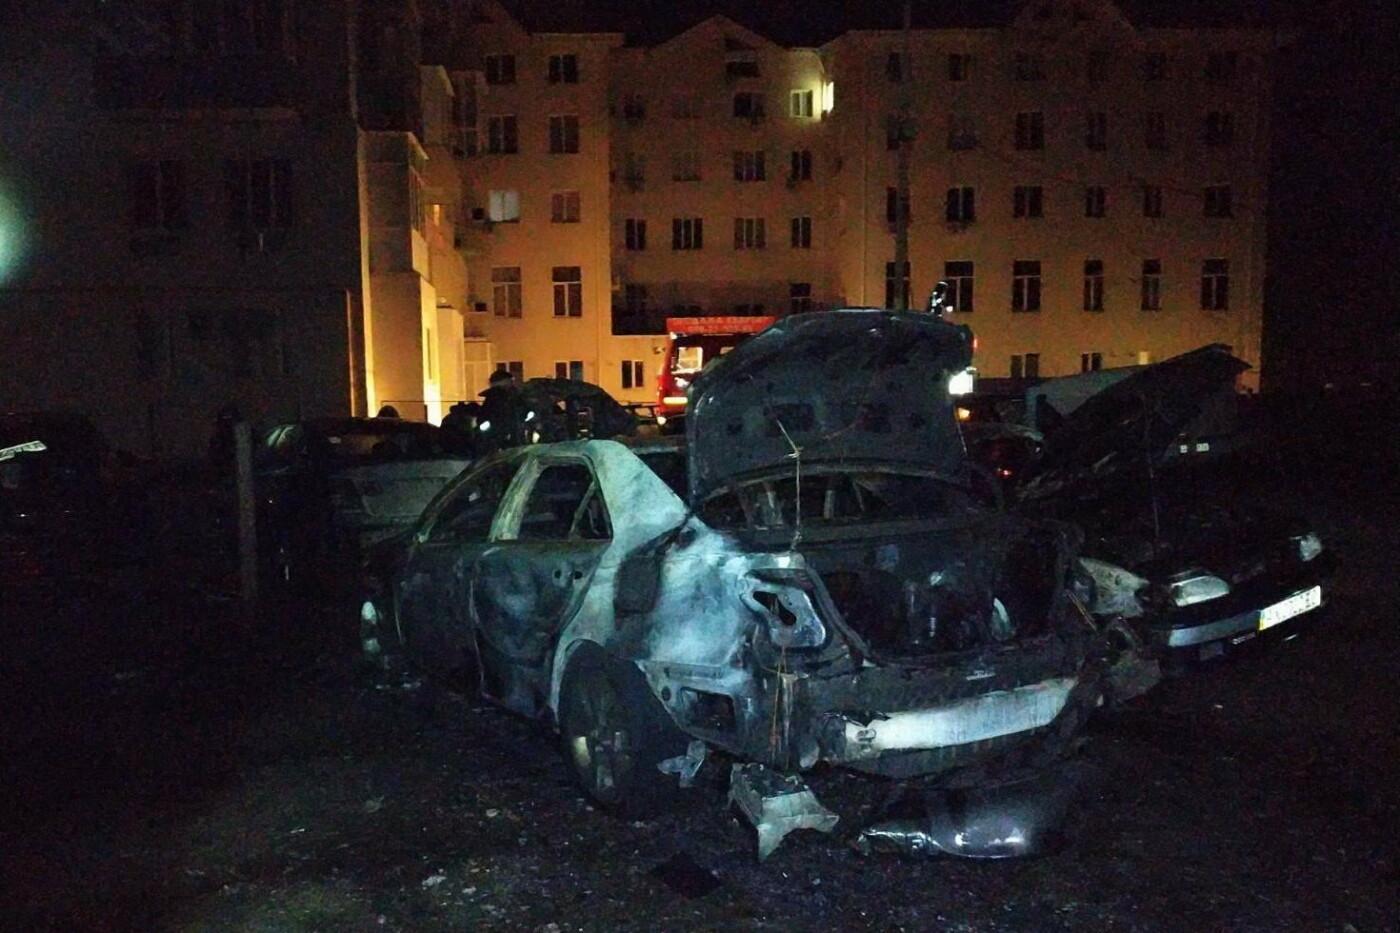 В Харькове неизвестные подожгли автостоянку: сгорели два авто и еще три повреждены, - ФОТО, фото-2